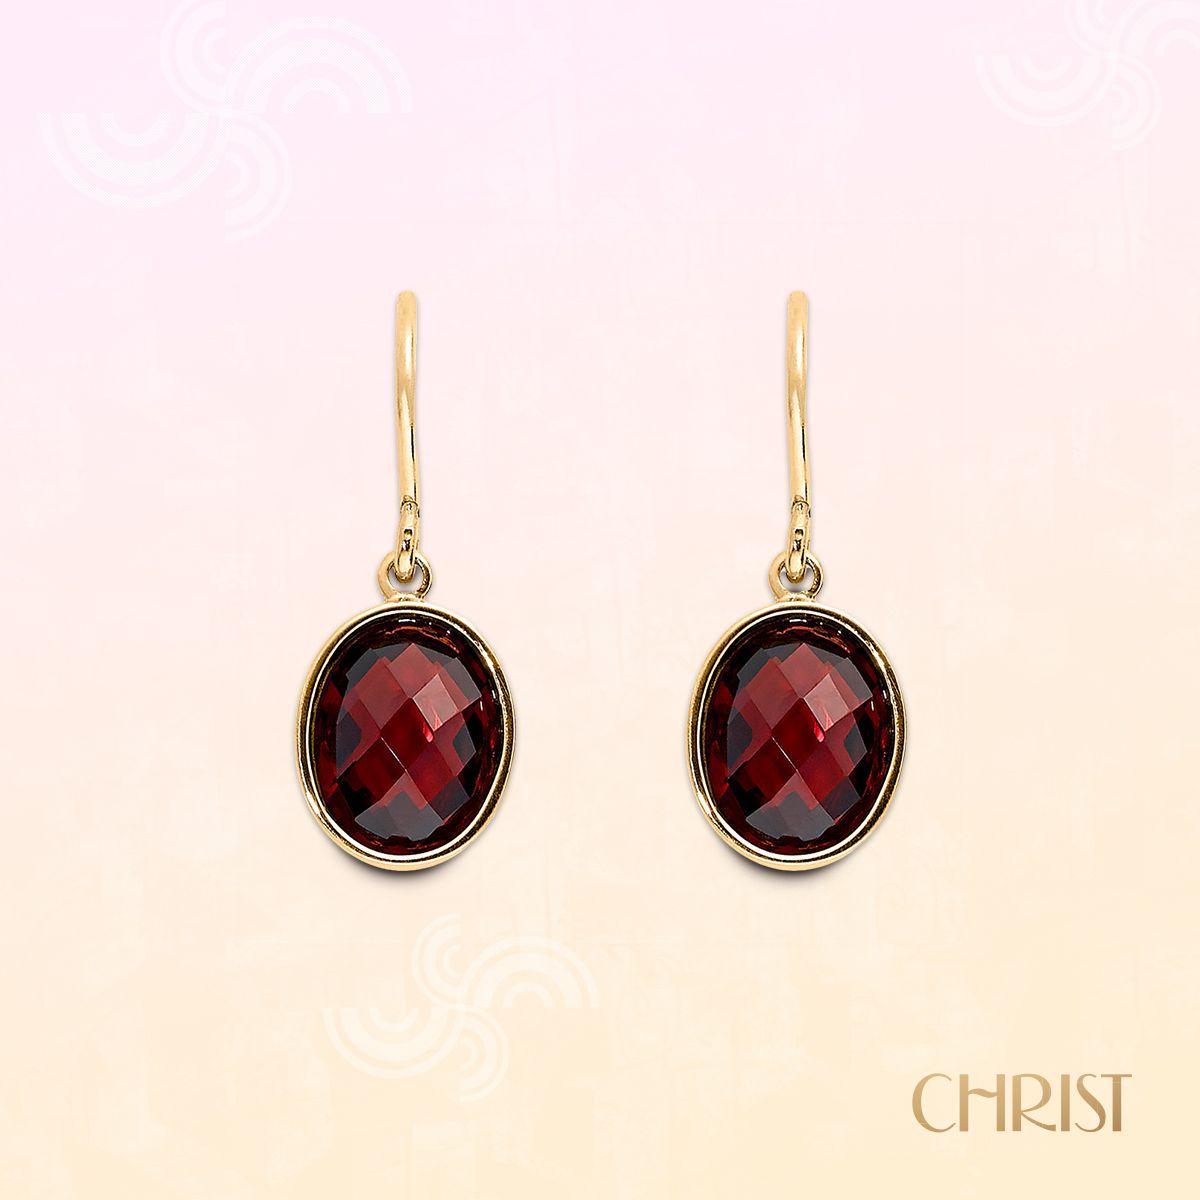 Ohrhänger in Marsala-Rot! Die perfekten Begleiter für die Herbsttage!